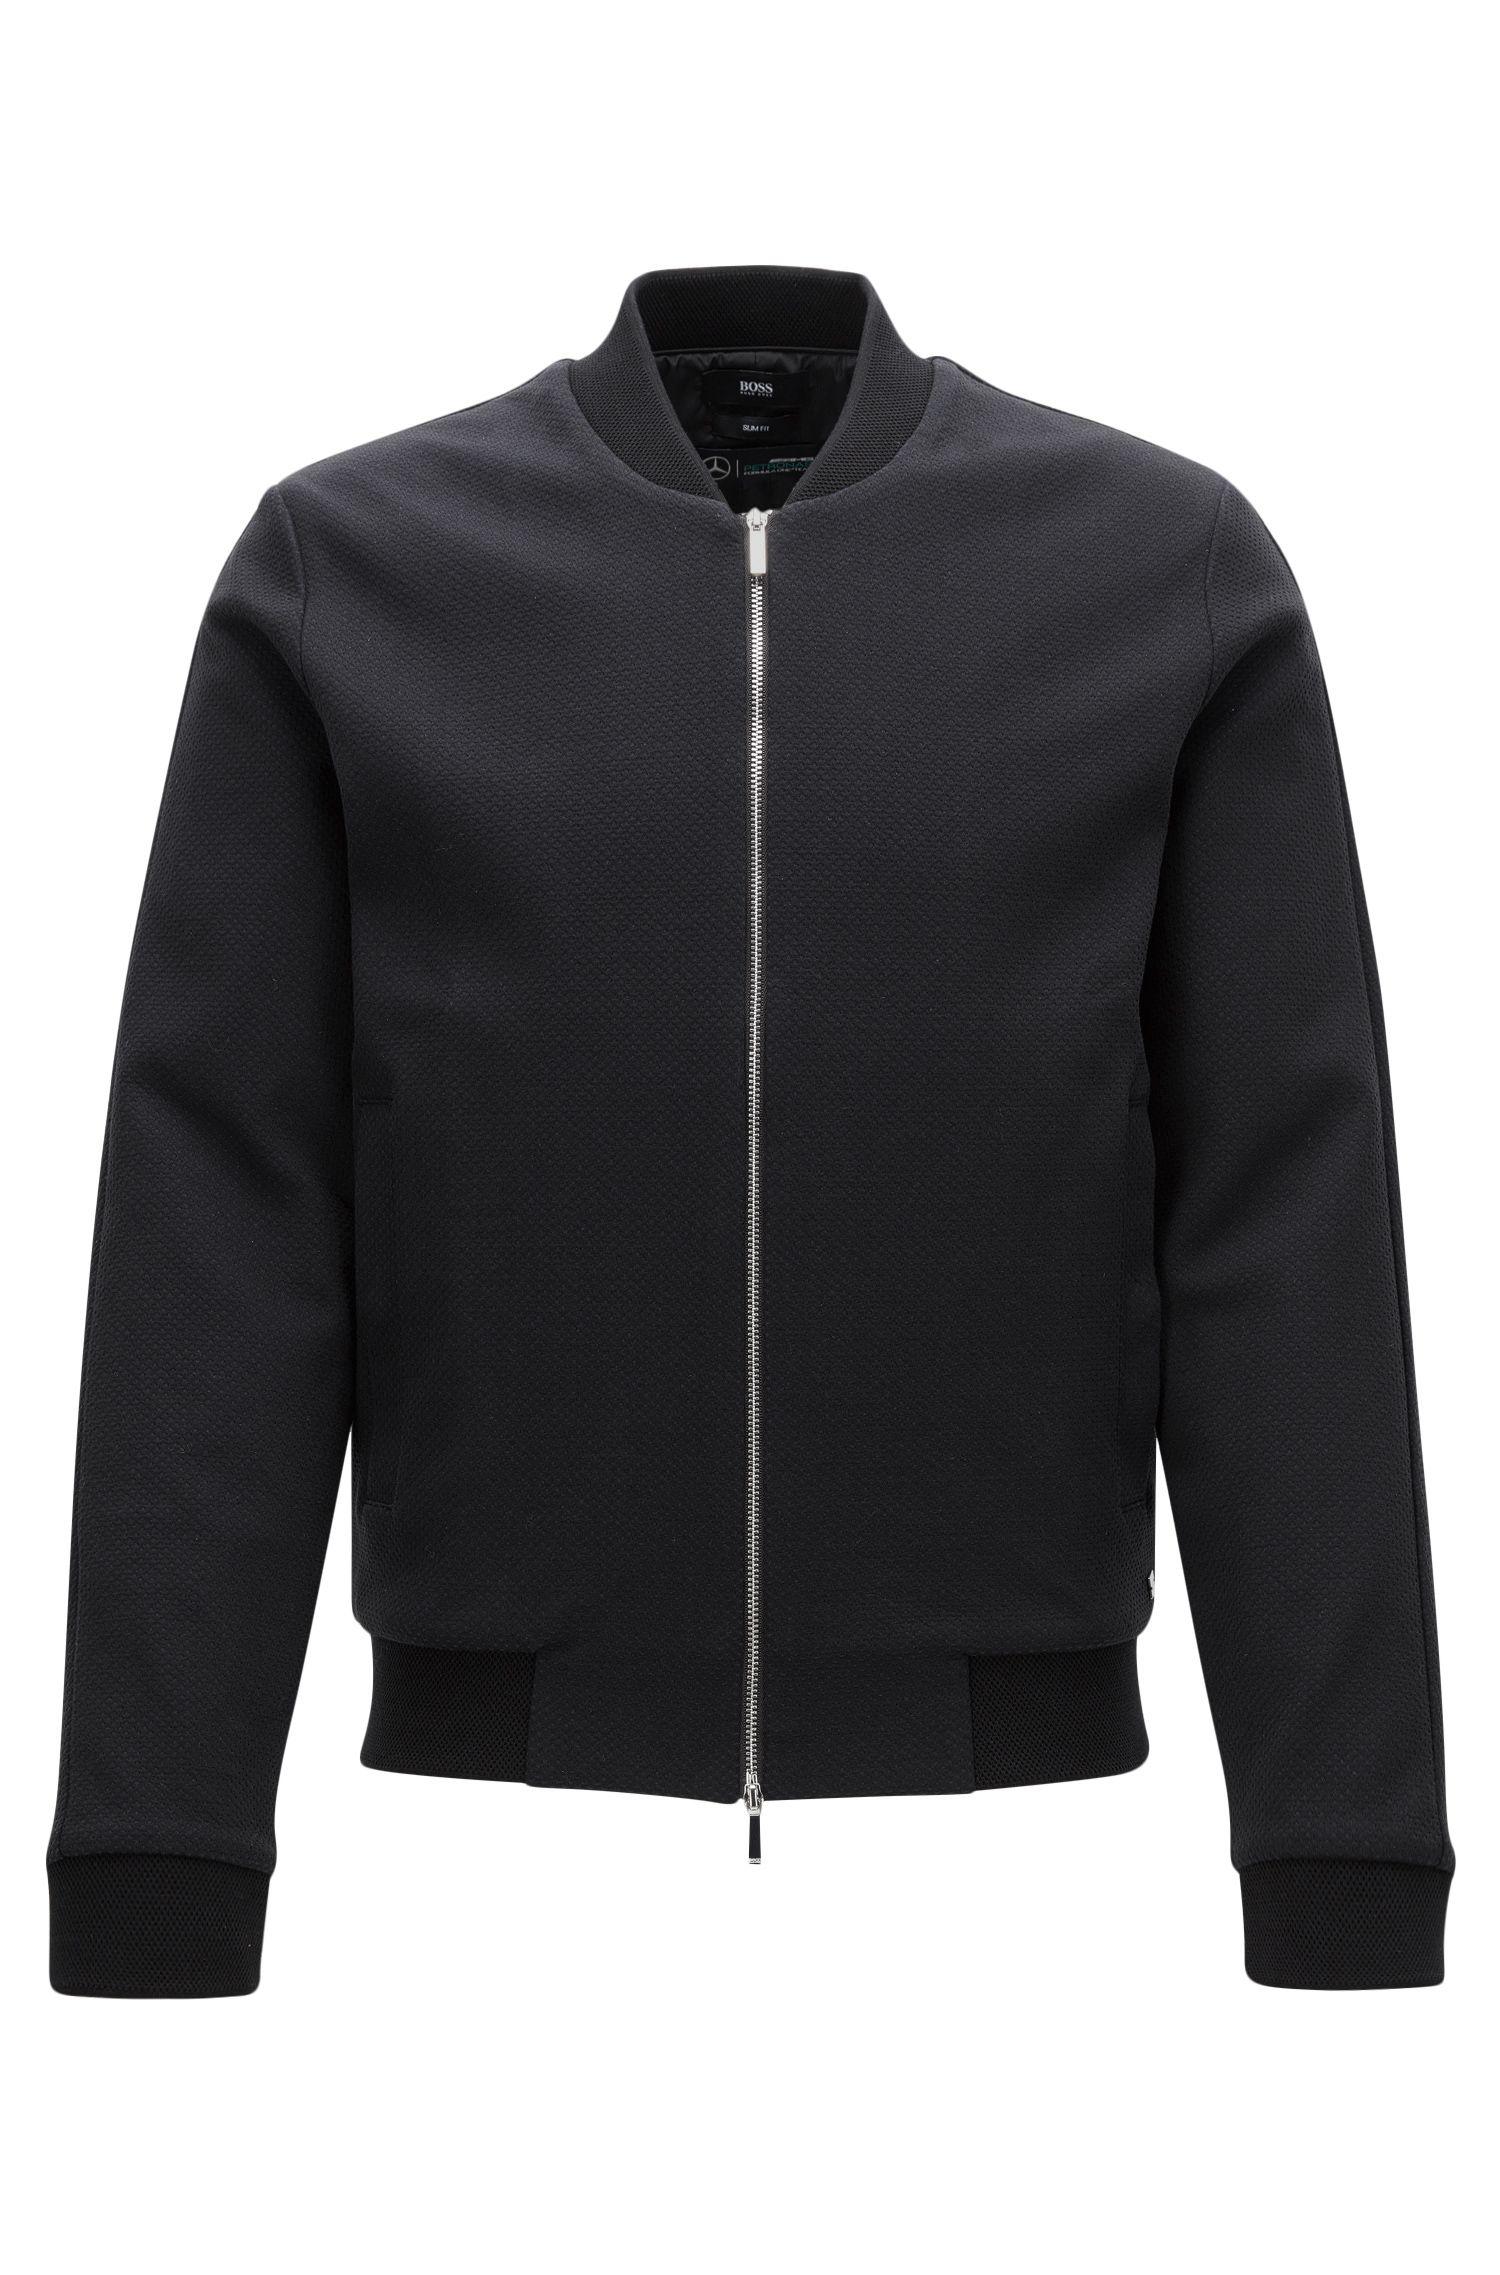 Mercedes-Benz Cotton Zip Jacket | Soule